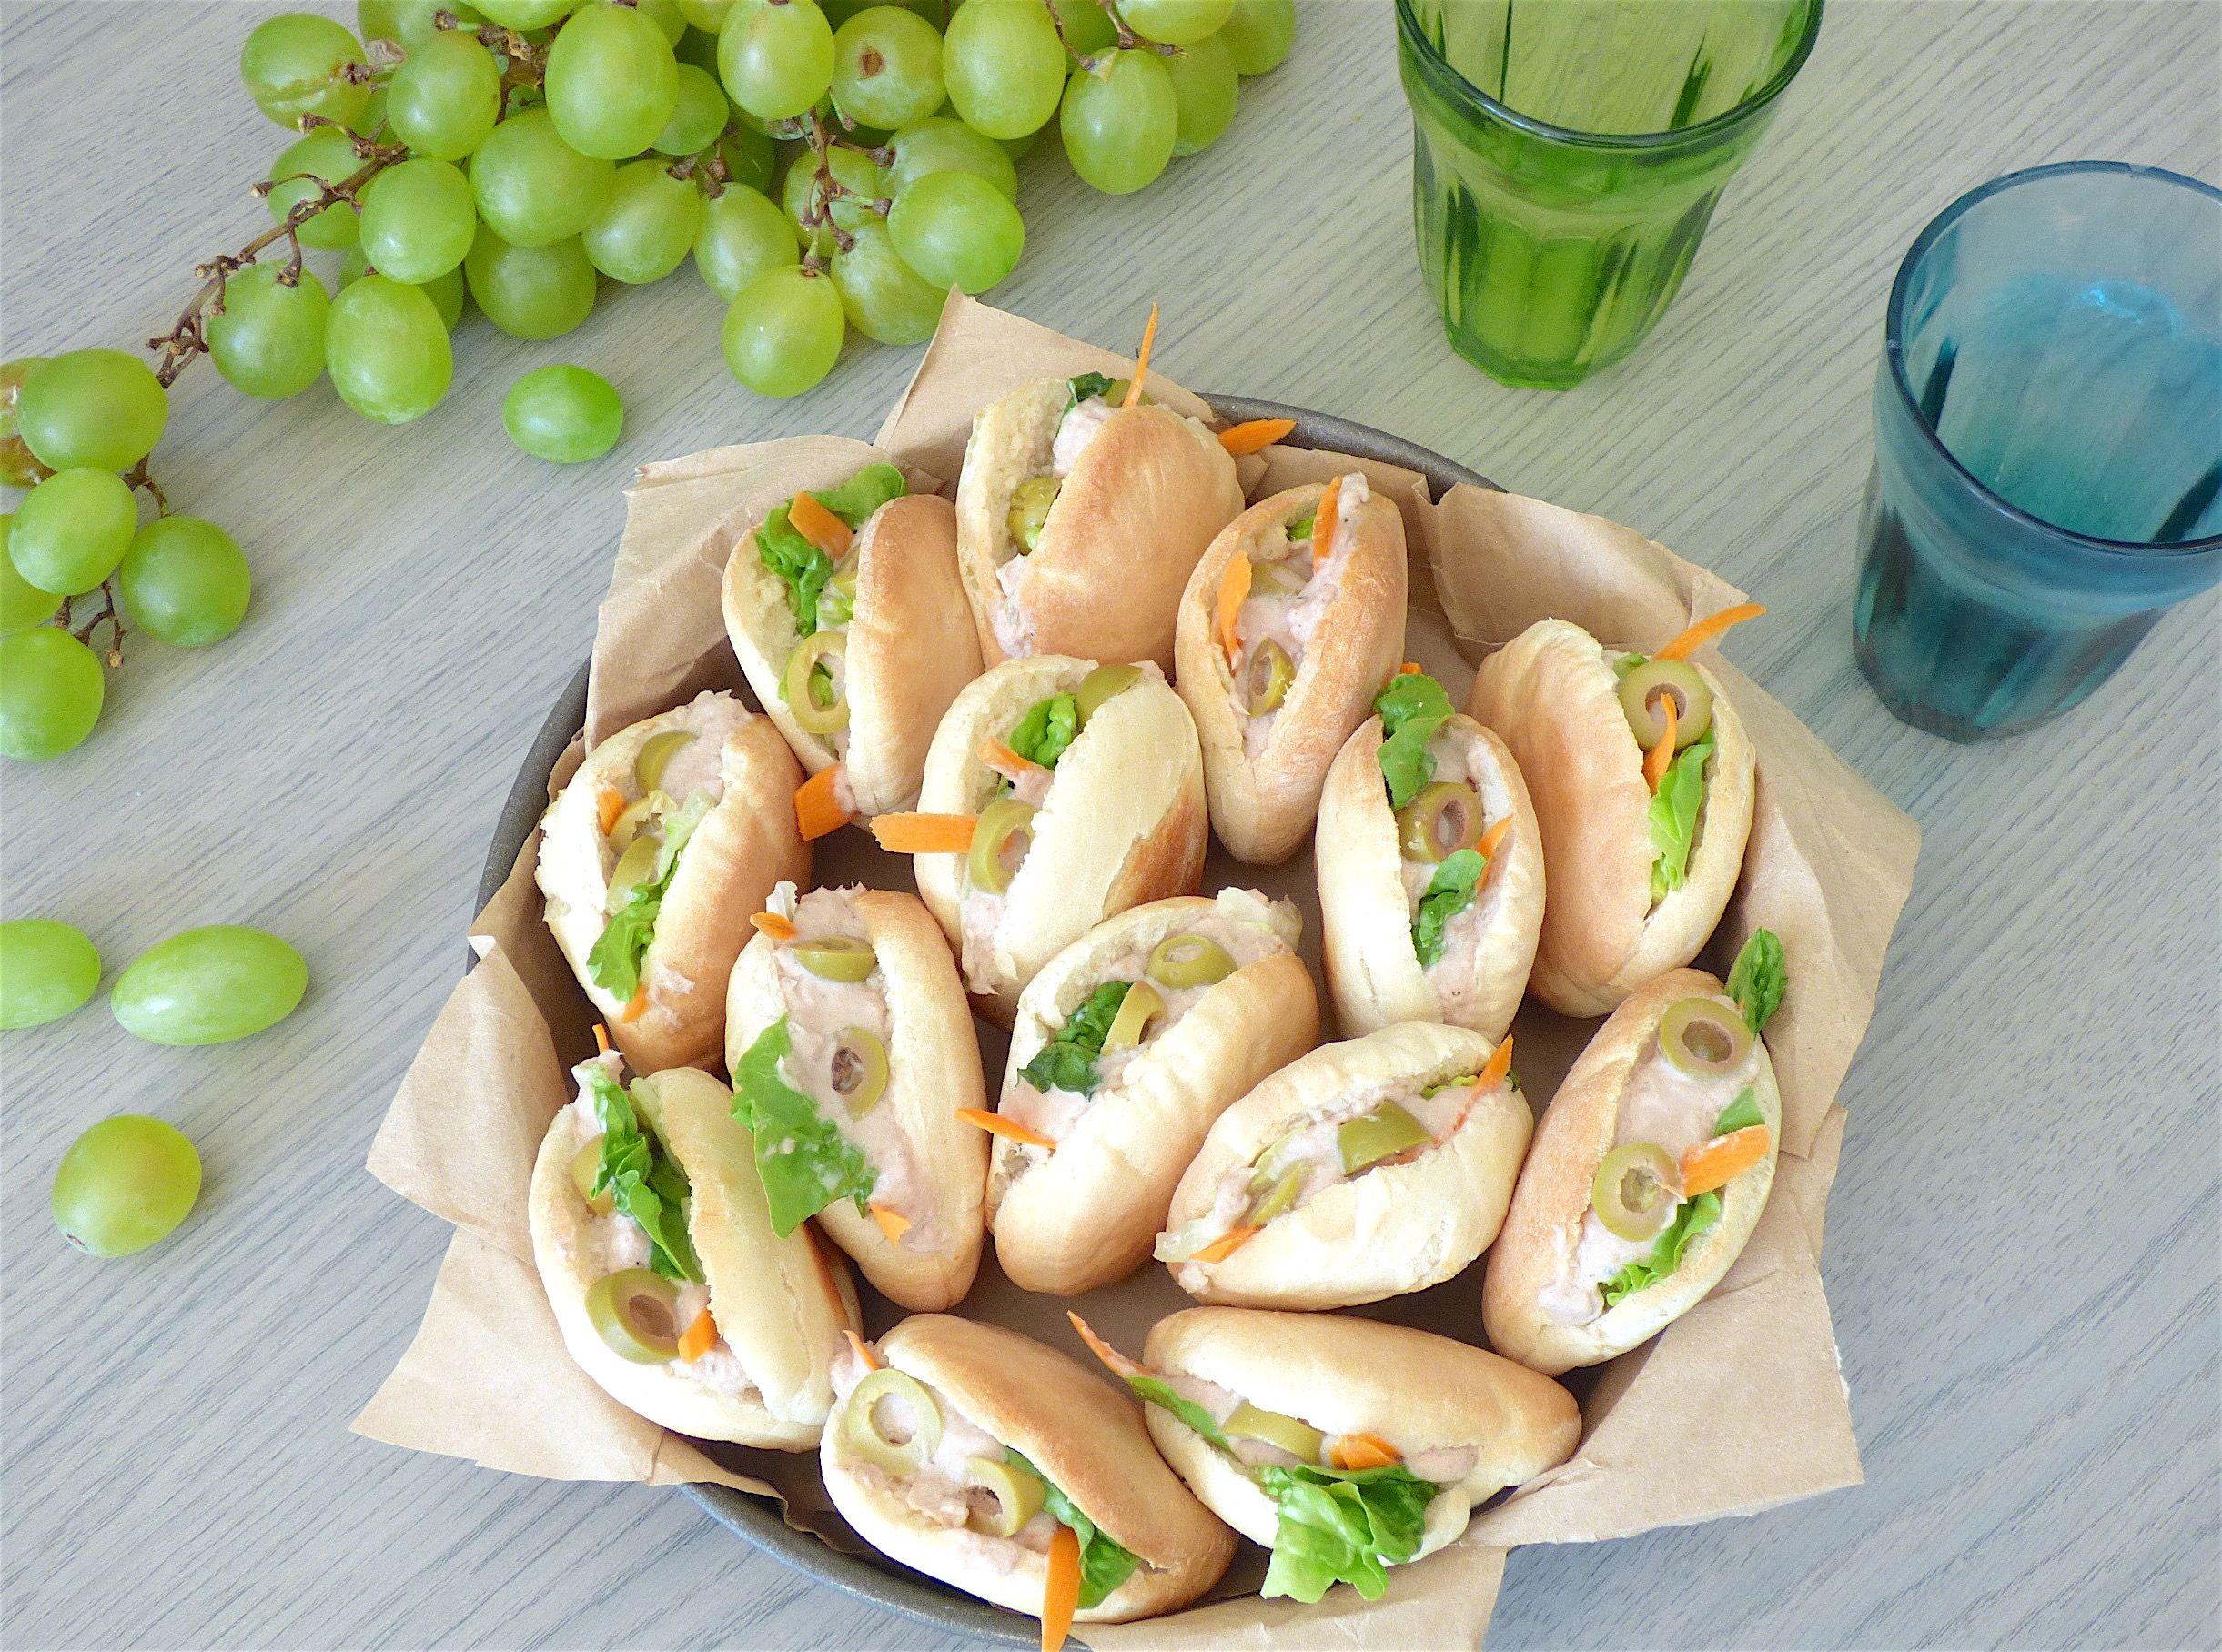 Mini-Pitas à la Crème de Thon | amuses bouches | Pinterest | Apéro, Recette et Apéritif